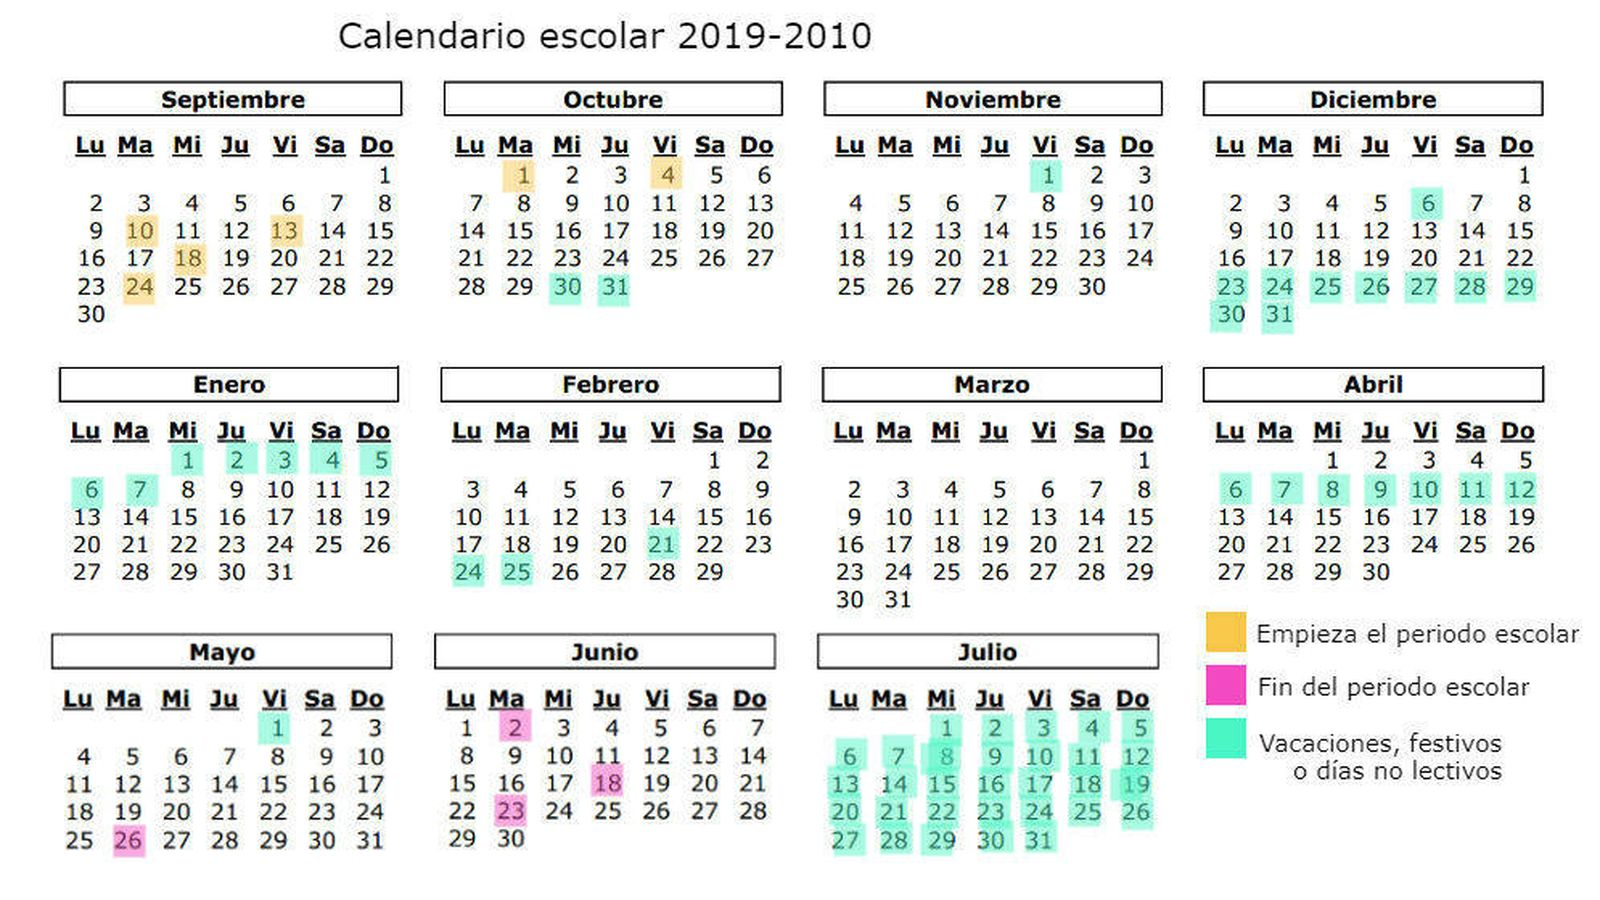 Calendario Escolar 2020 Andalucia.Calendario Escolar 2019 2020 En Asturias Dias Festivos Y Vacaciones